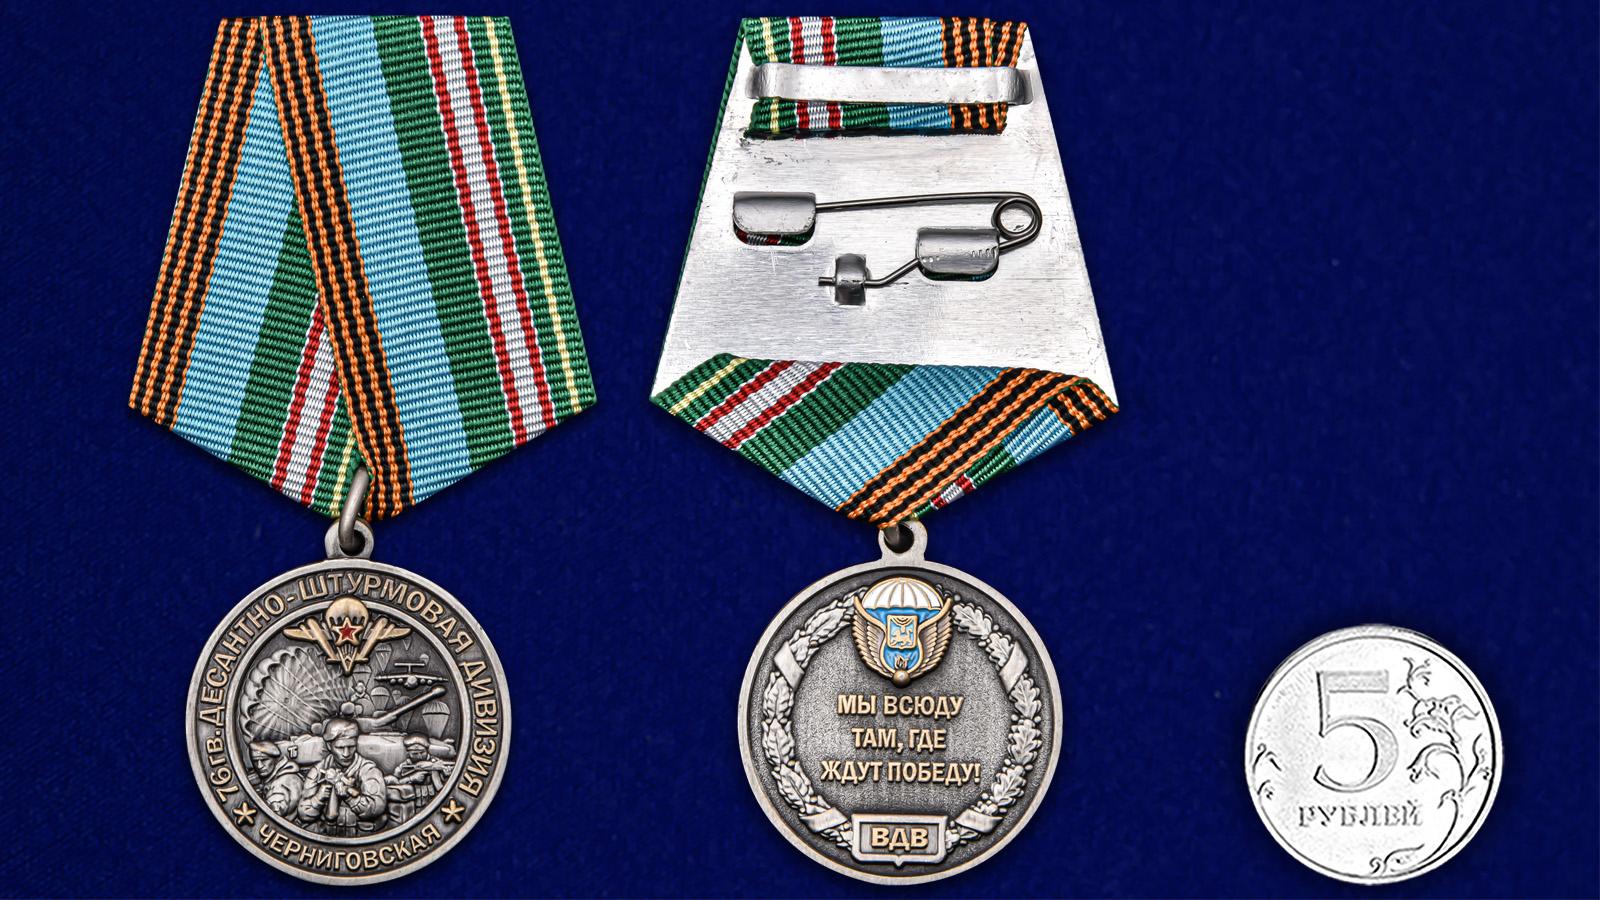 Памятная медаль 76-я гв. Десантно-штурмовая дивизия - сравнительный вид